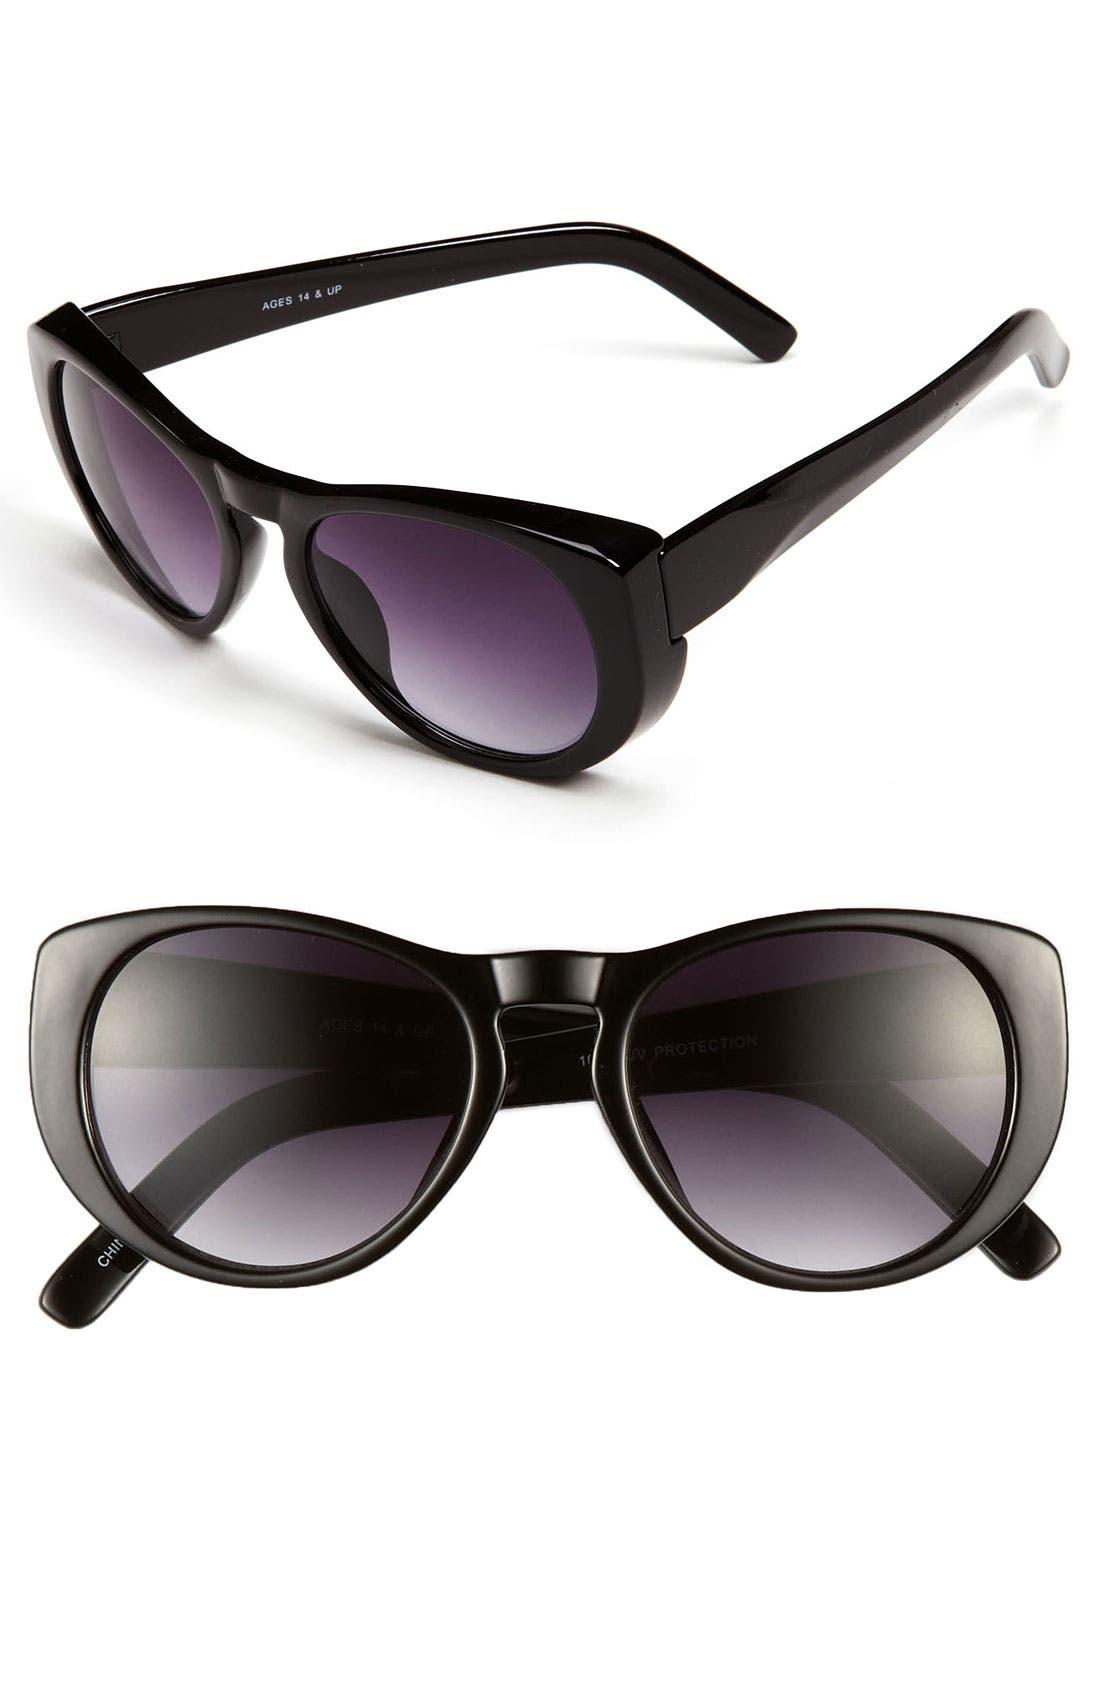 Main Image - FE NY 'Area 51' Sunglasses